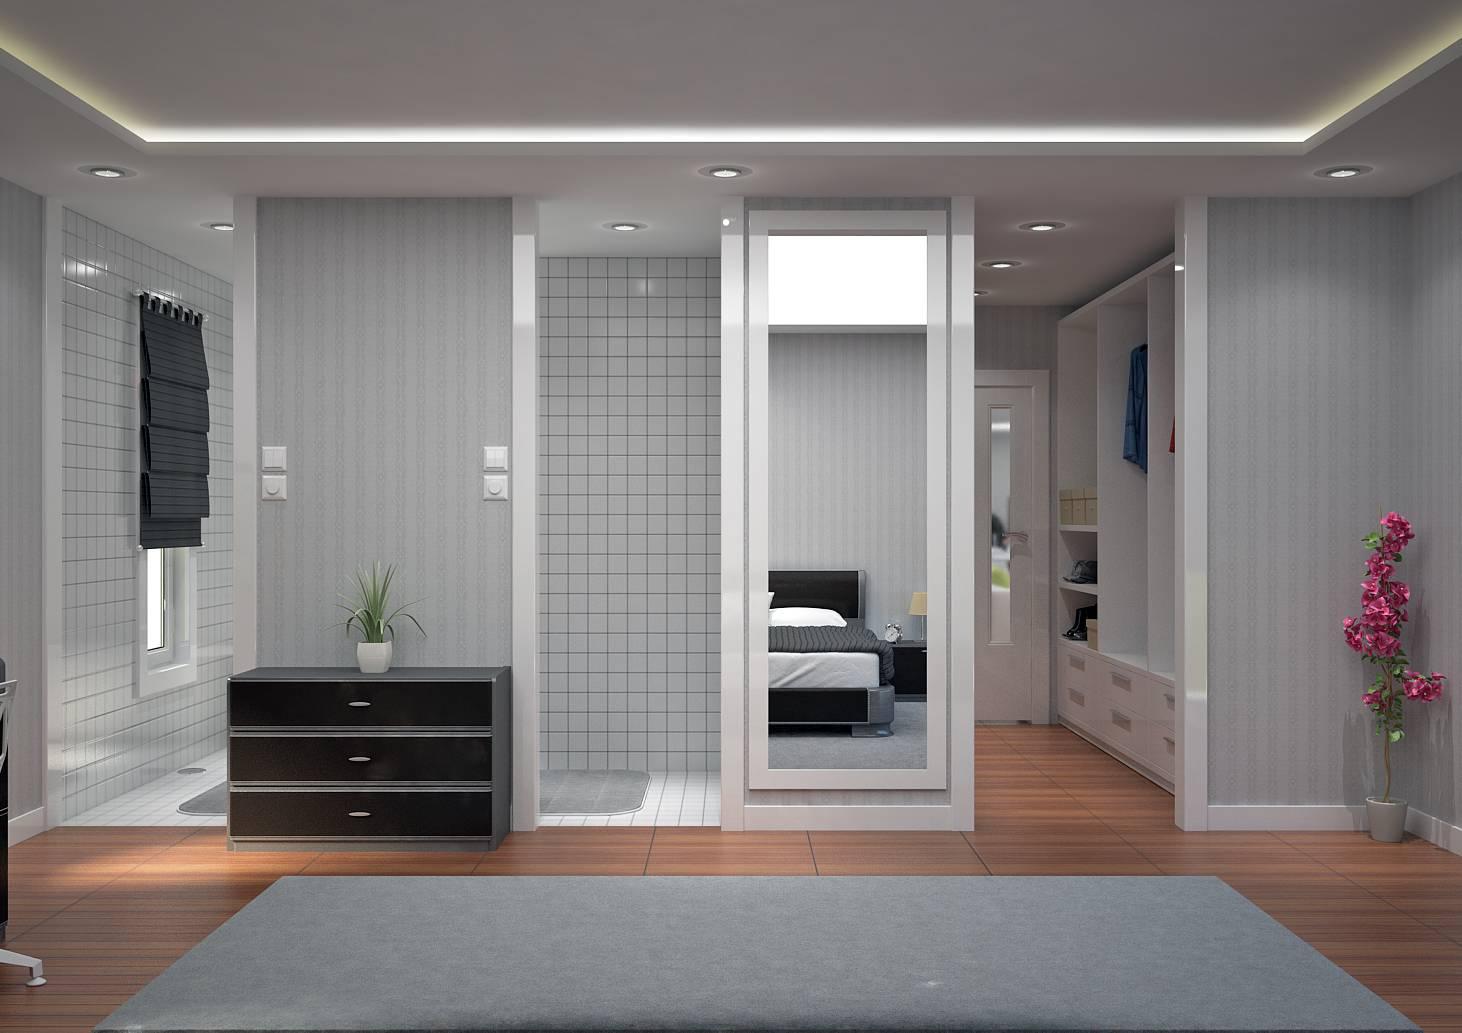 Villa contemporaine 150 m2 etage mod le pinede salon - Constructeur maison salon de provence ...